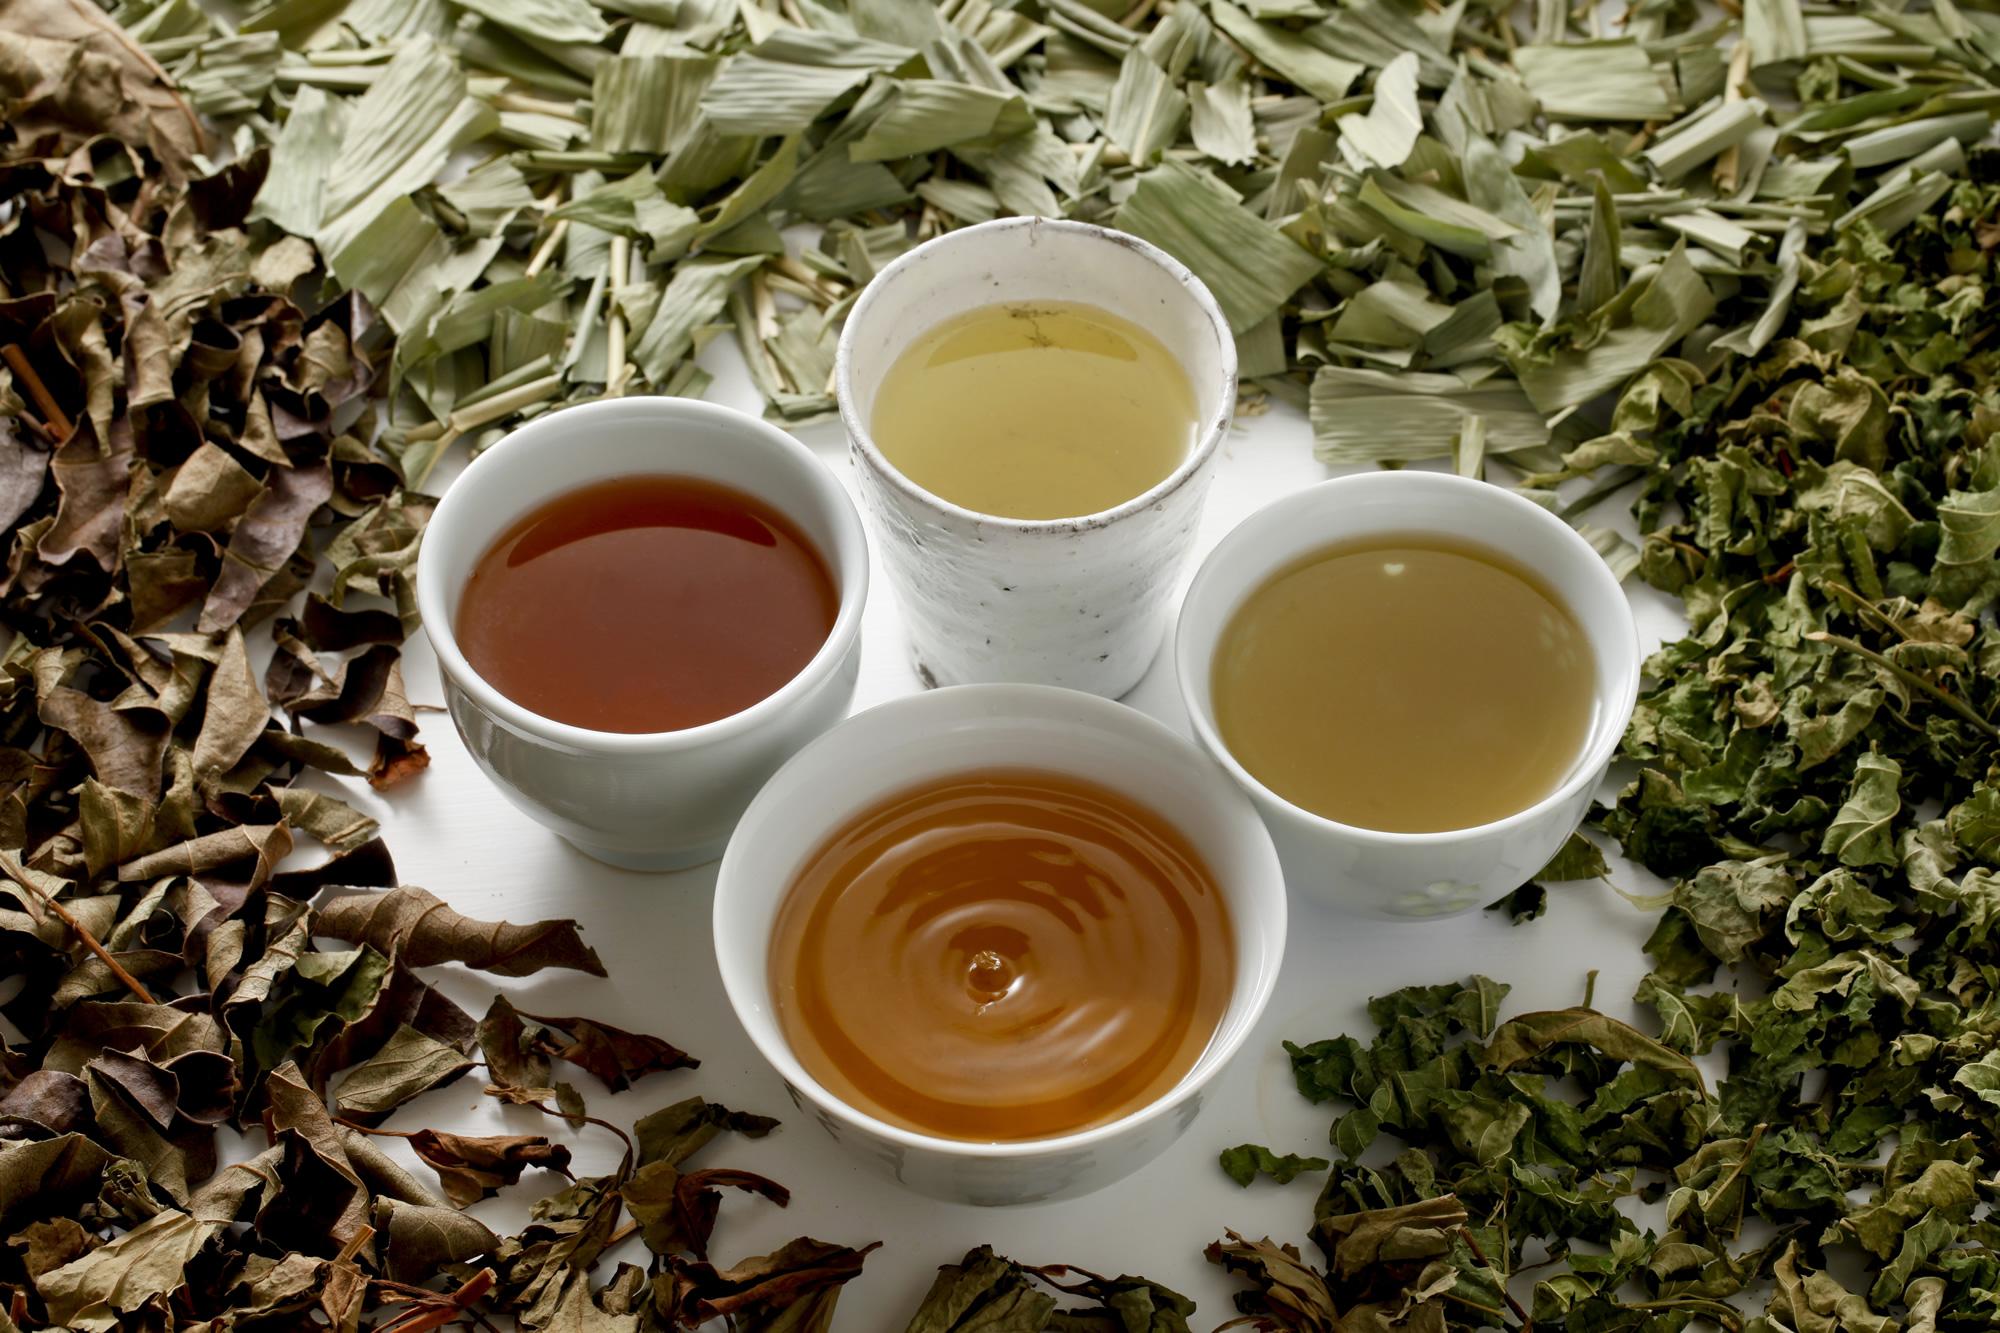 健康な方にもオススメ!ノンカフェインのお茶でリラックス♪のサムネイル画像